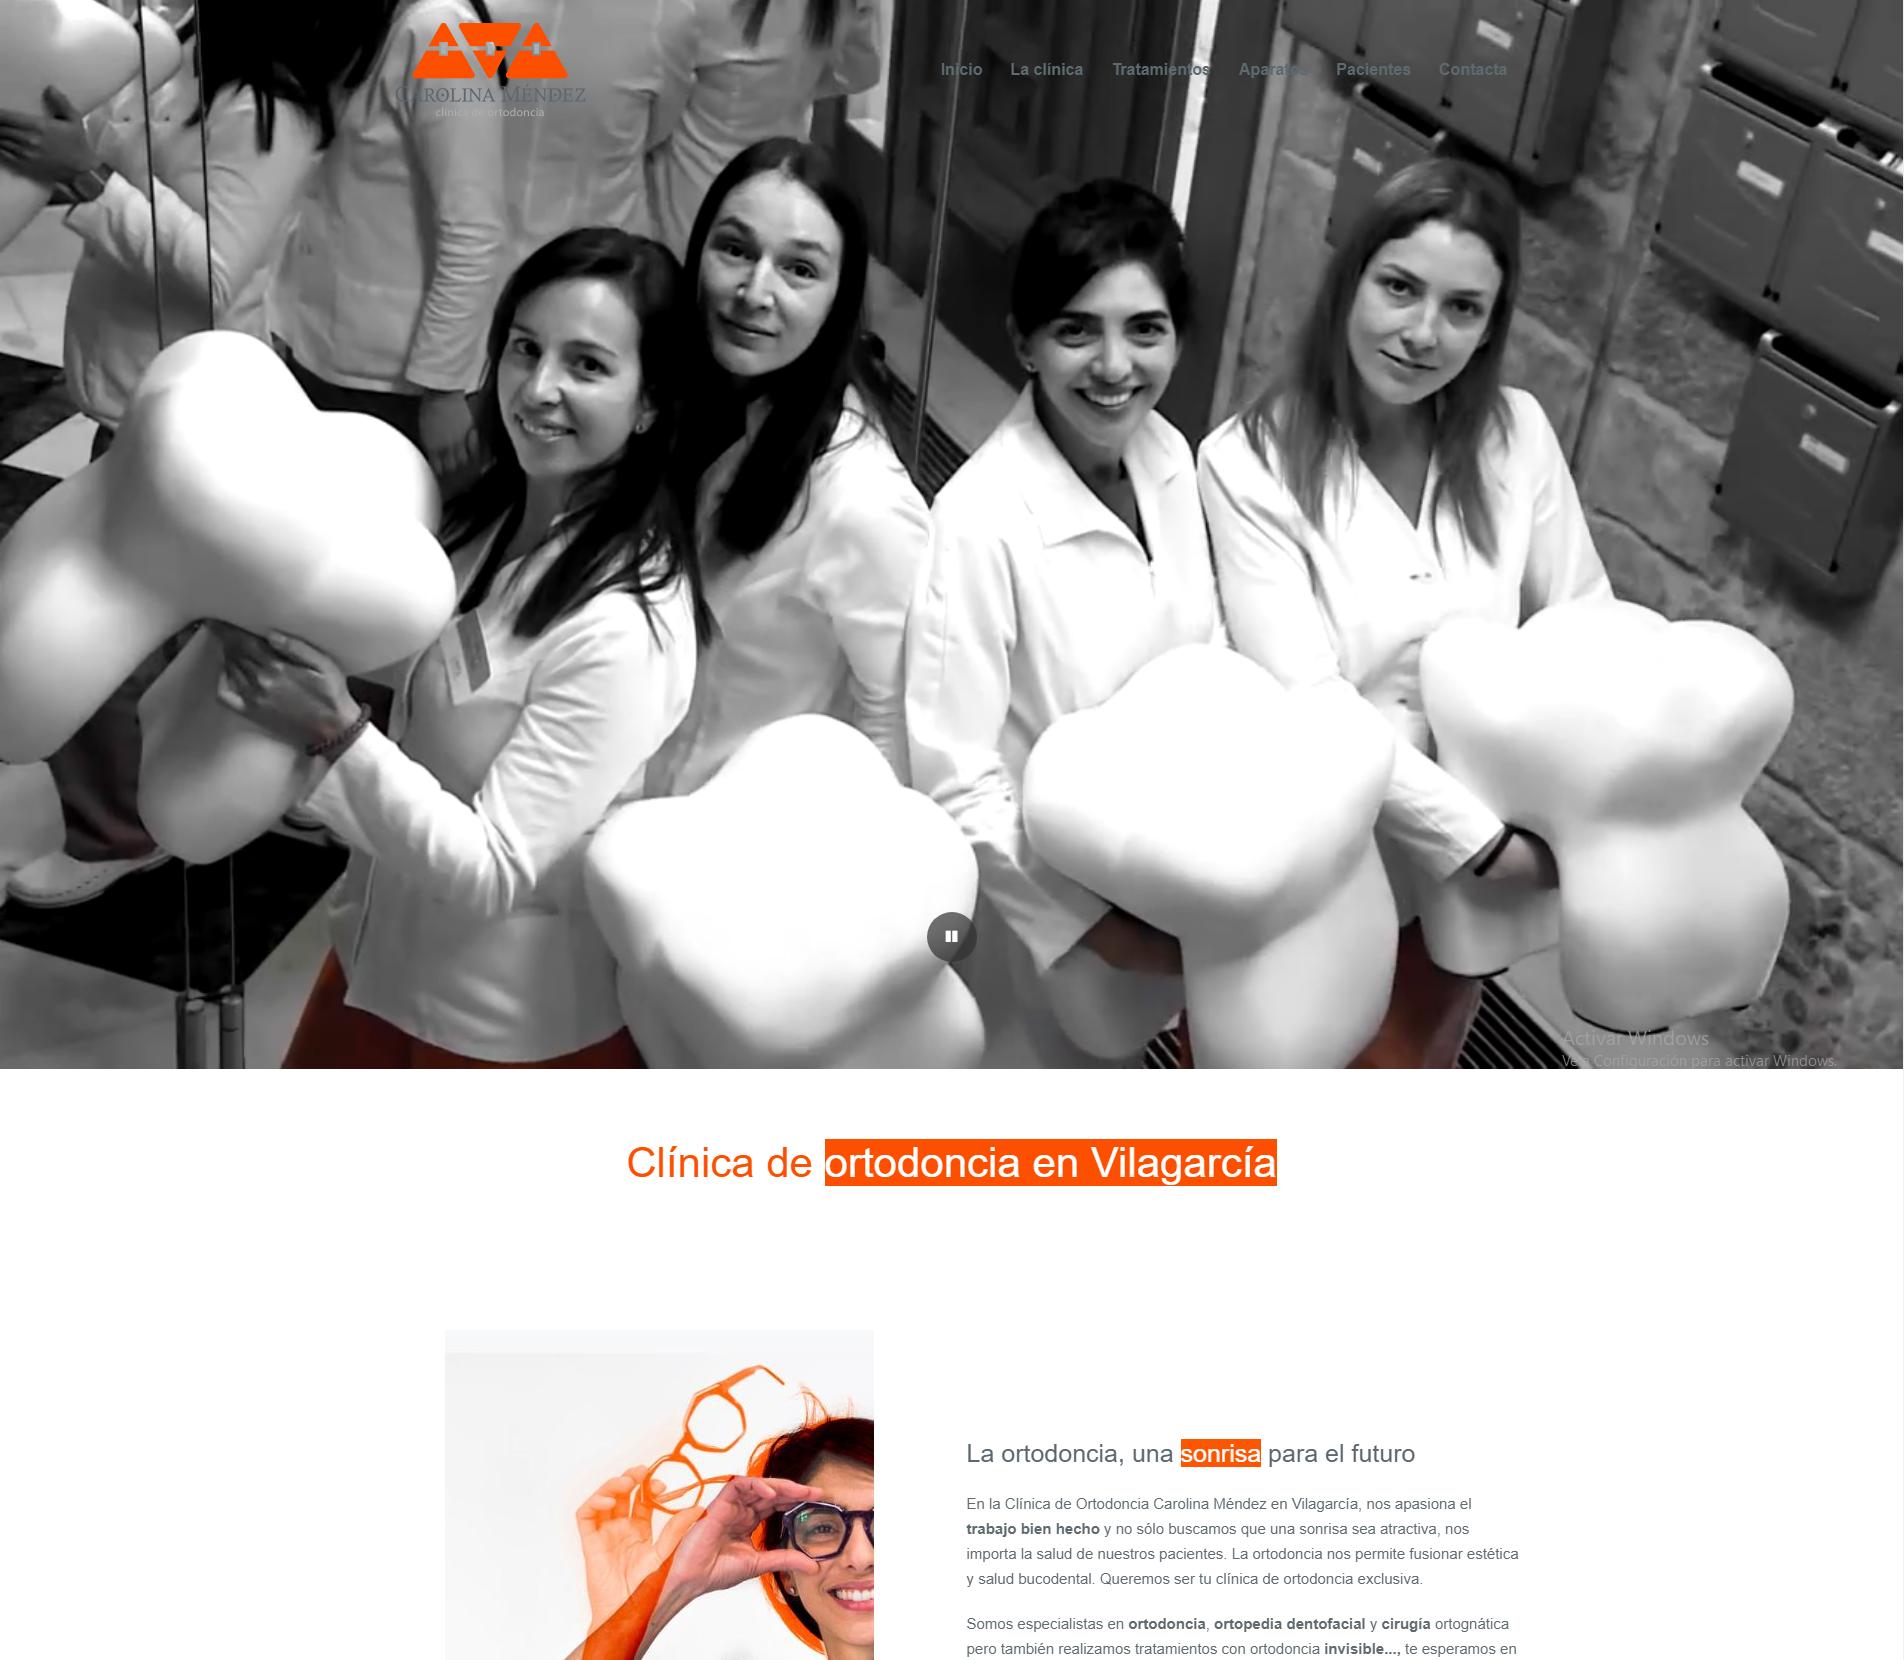 Ejemplos página web corporativa. Diseño para la Clínica de Ortodoncia Carolina Méndez